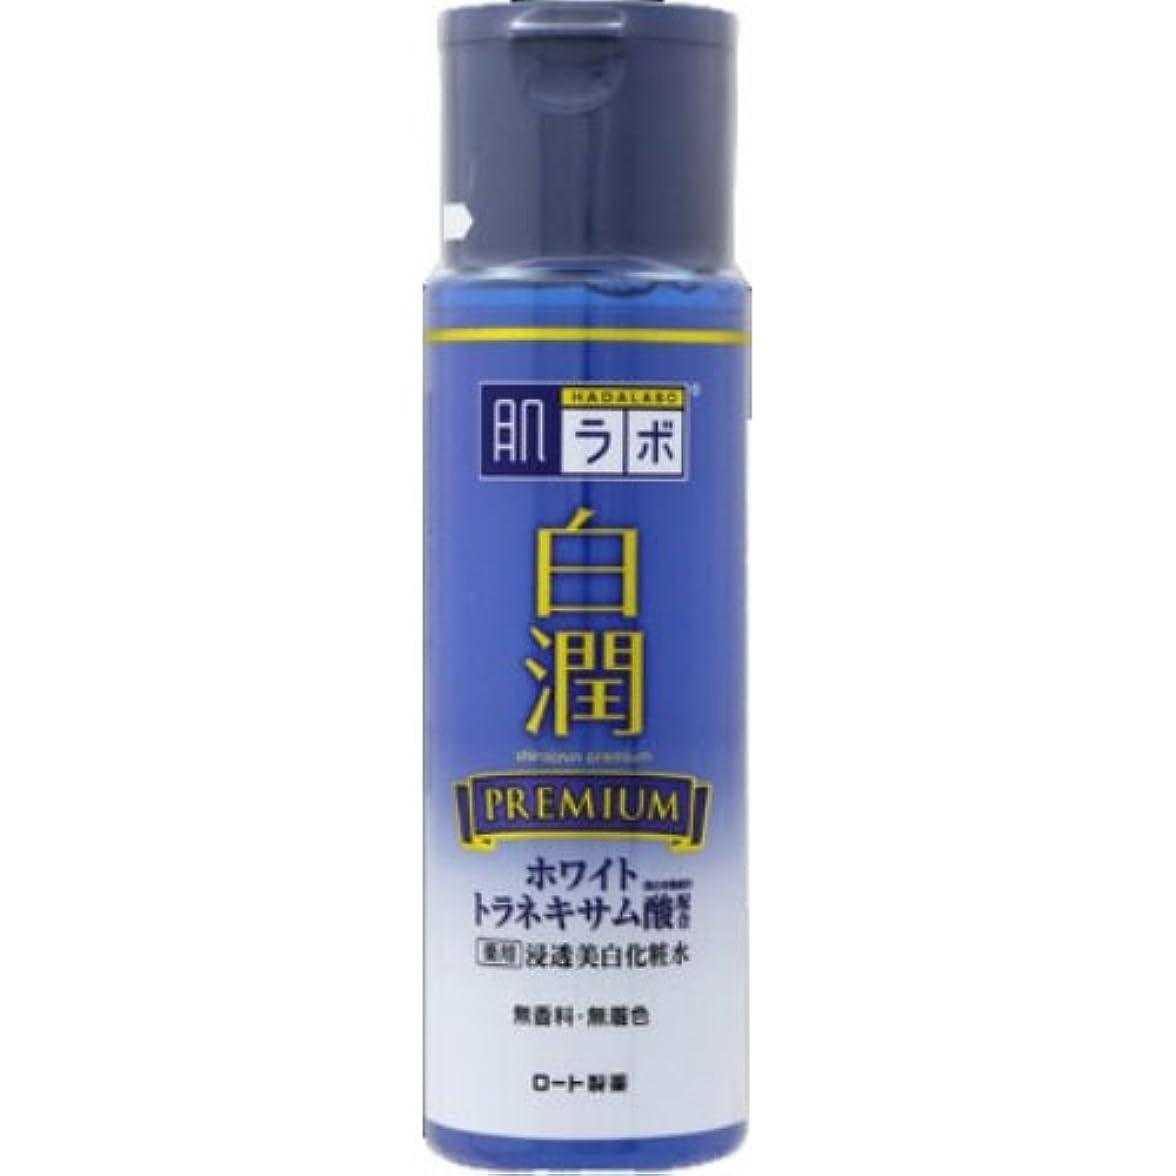 驚くばかりタンザニア刻む肌ラボ 白潤プレミアム 薬用浸透美白化粧水 170mL × 48個セット